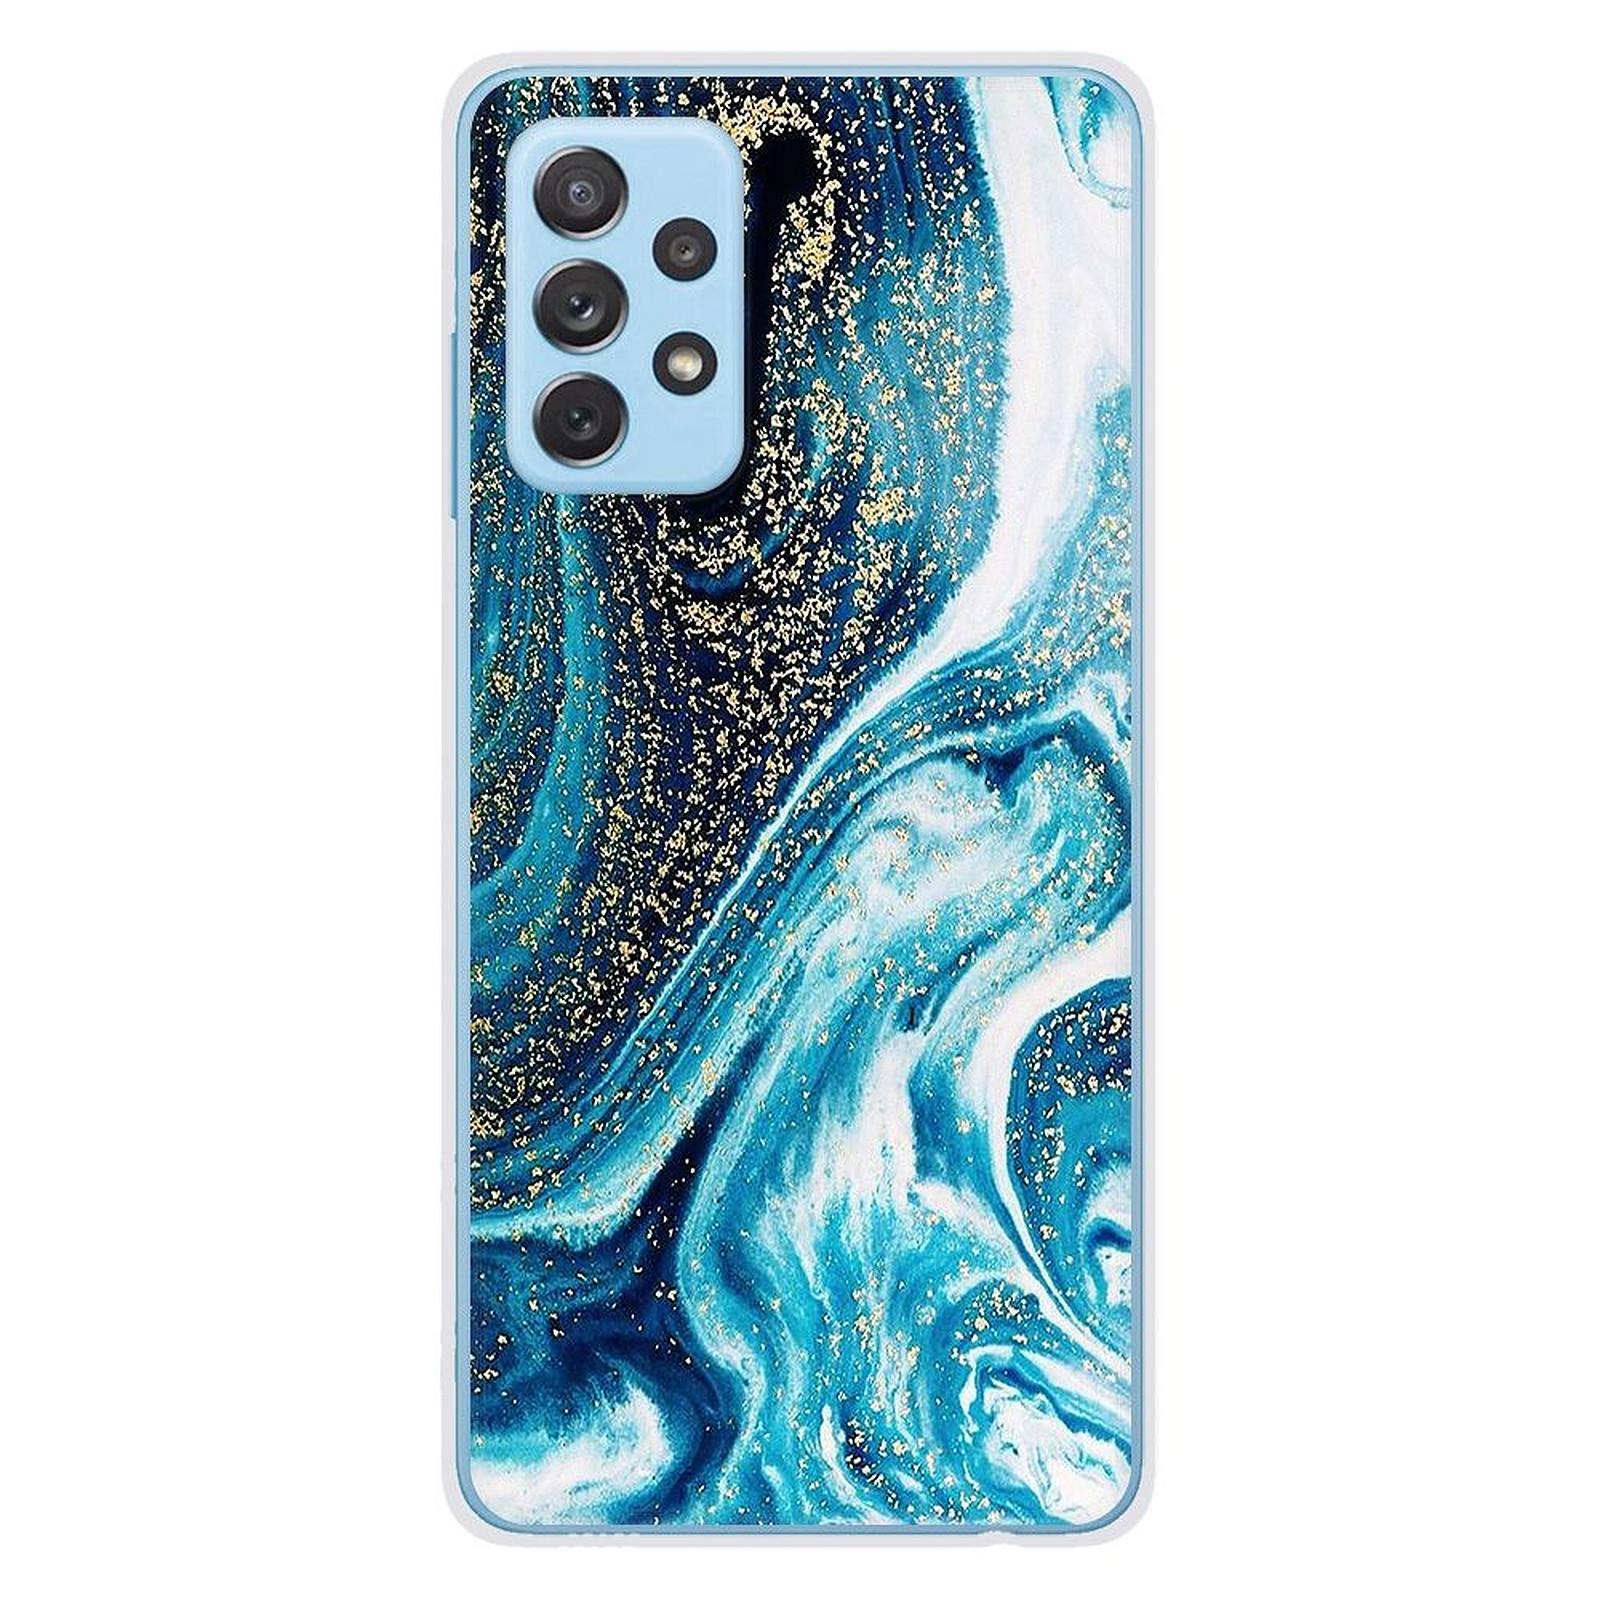 1001 Coques Coque silicone gel Samsung Galaxy A32 4G motif Marbre Bleu Pailleté - Coque téléphone 1001Coques sur LDLC